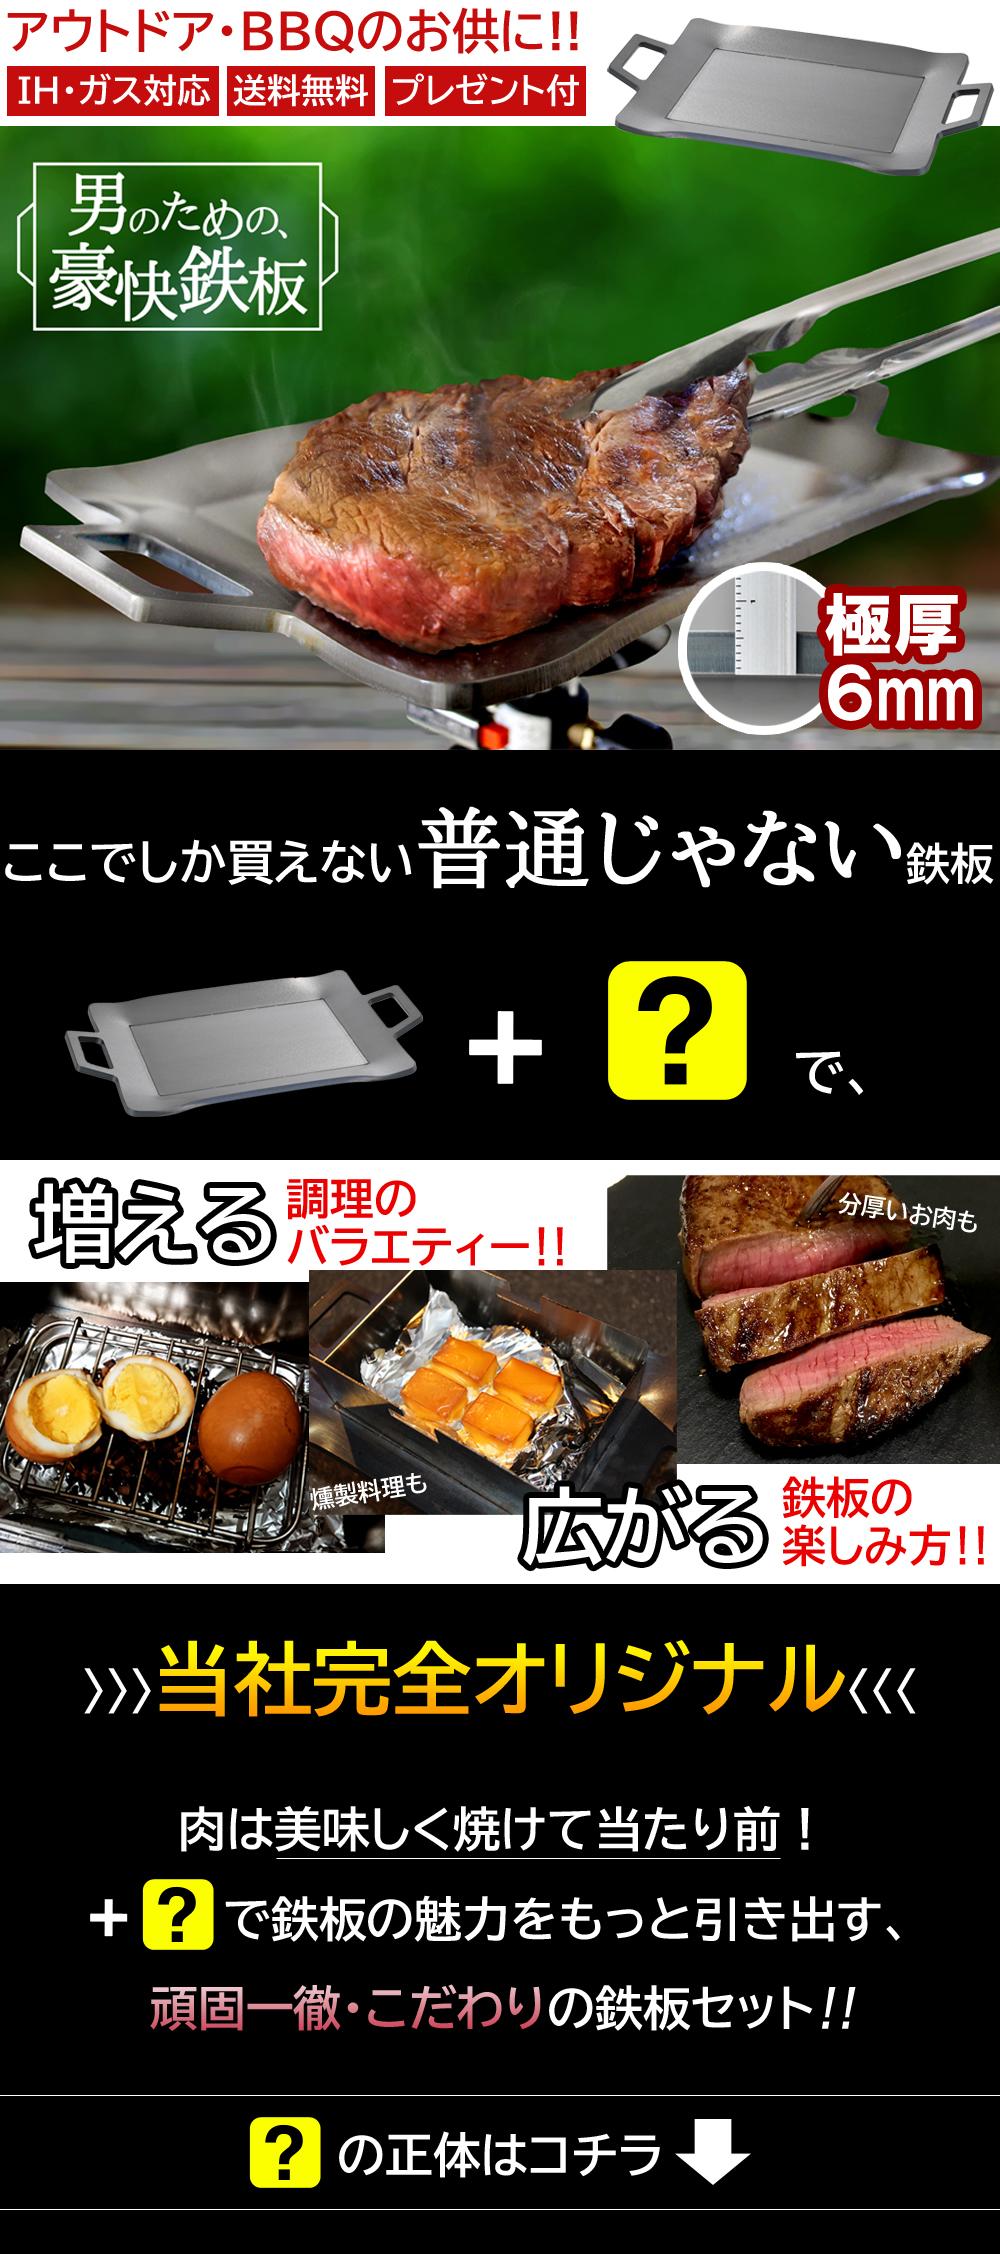 豪快鉄板焼肉BBQアウトドア高級ステーキに